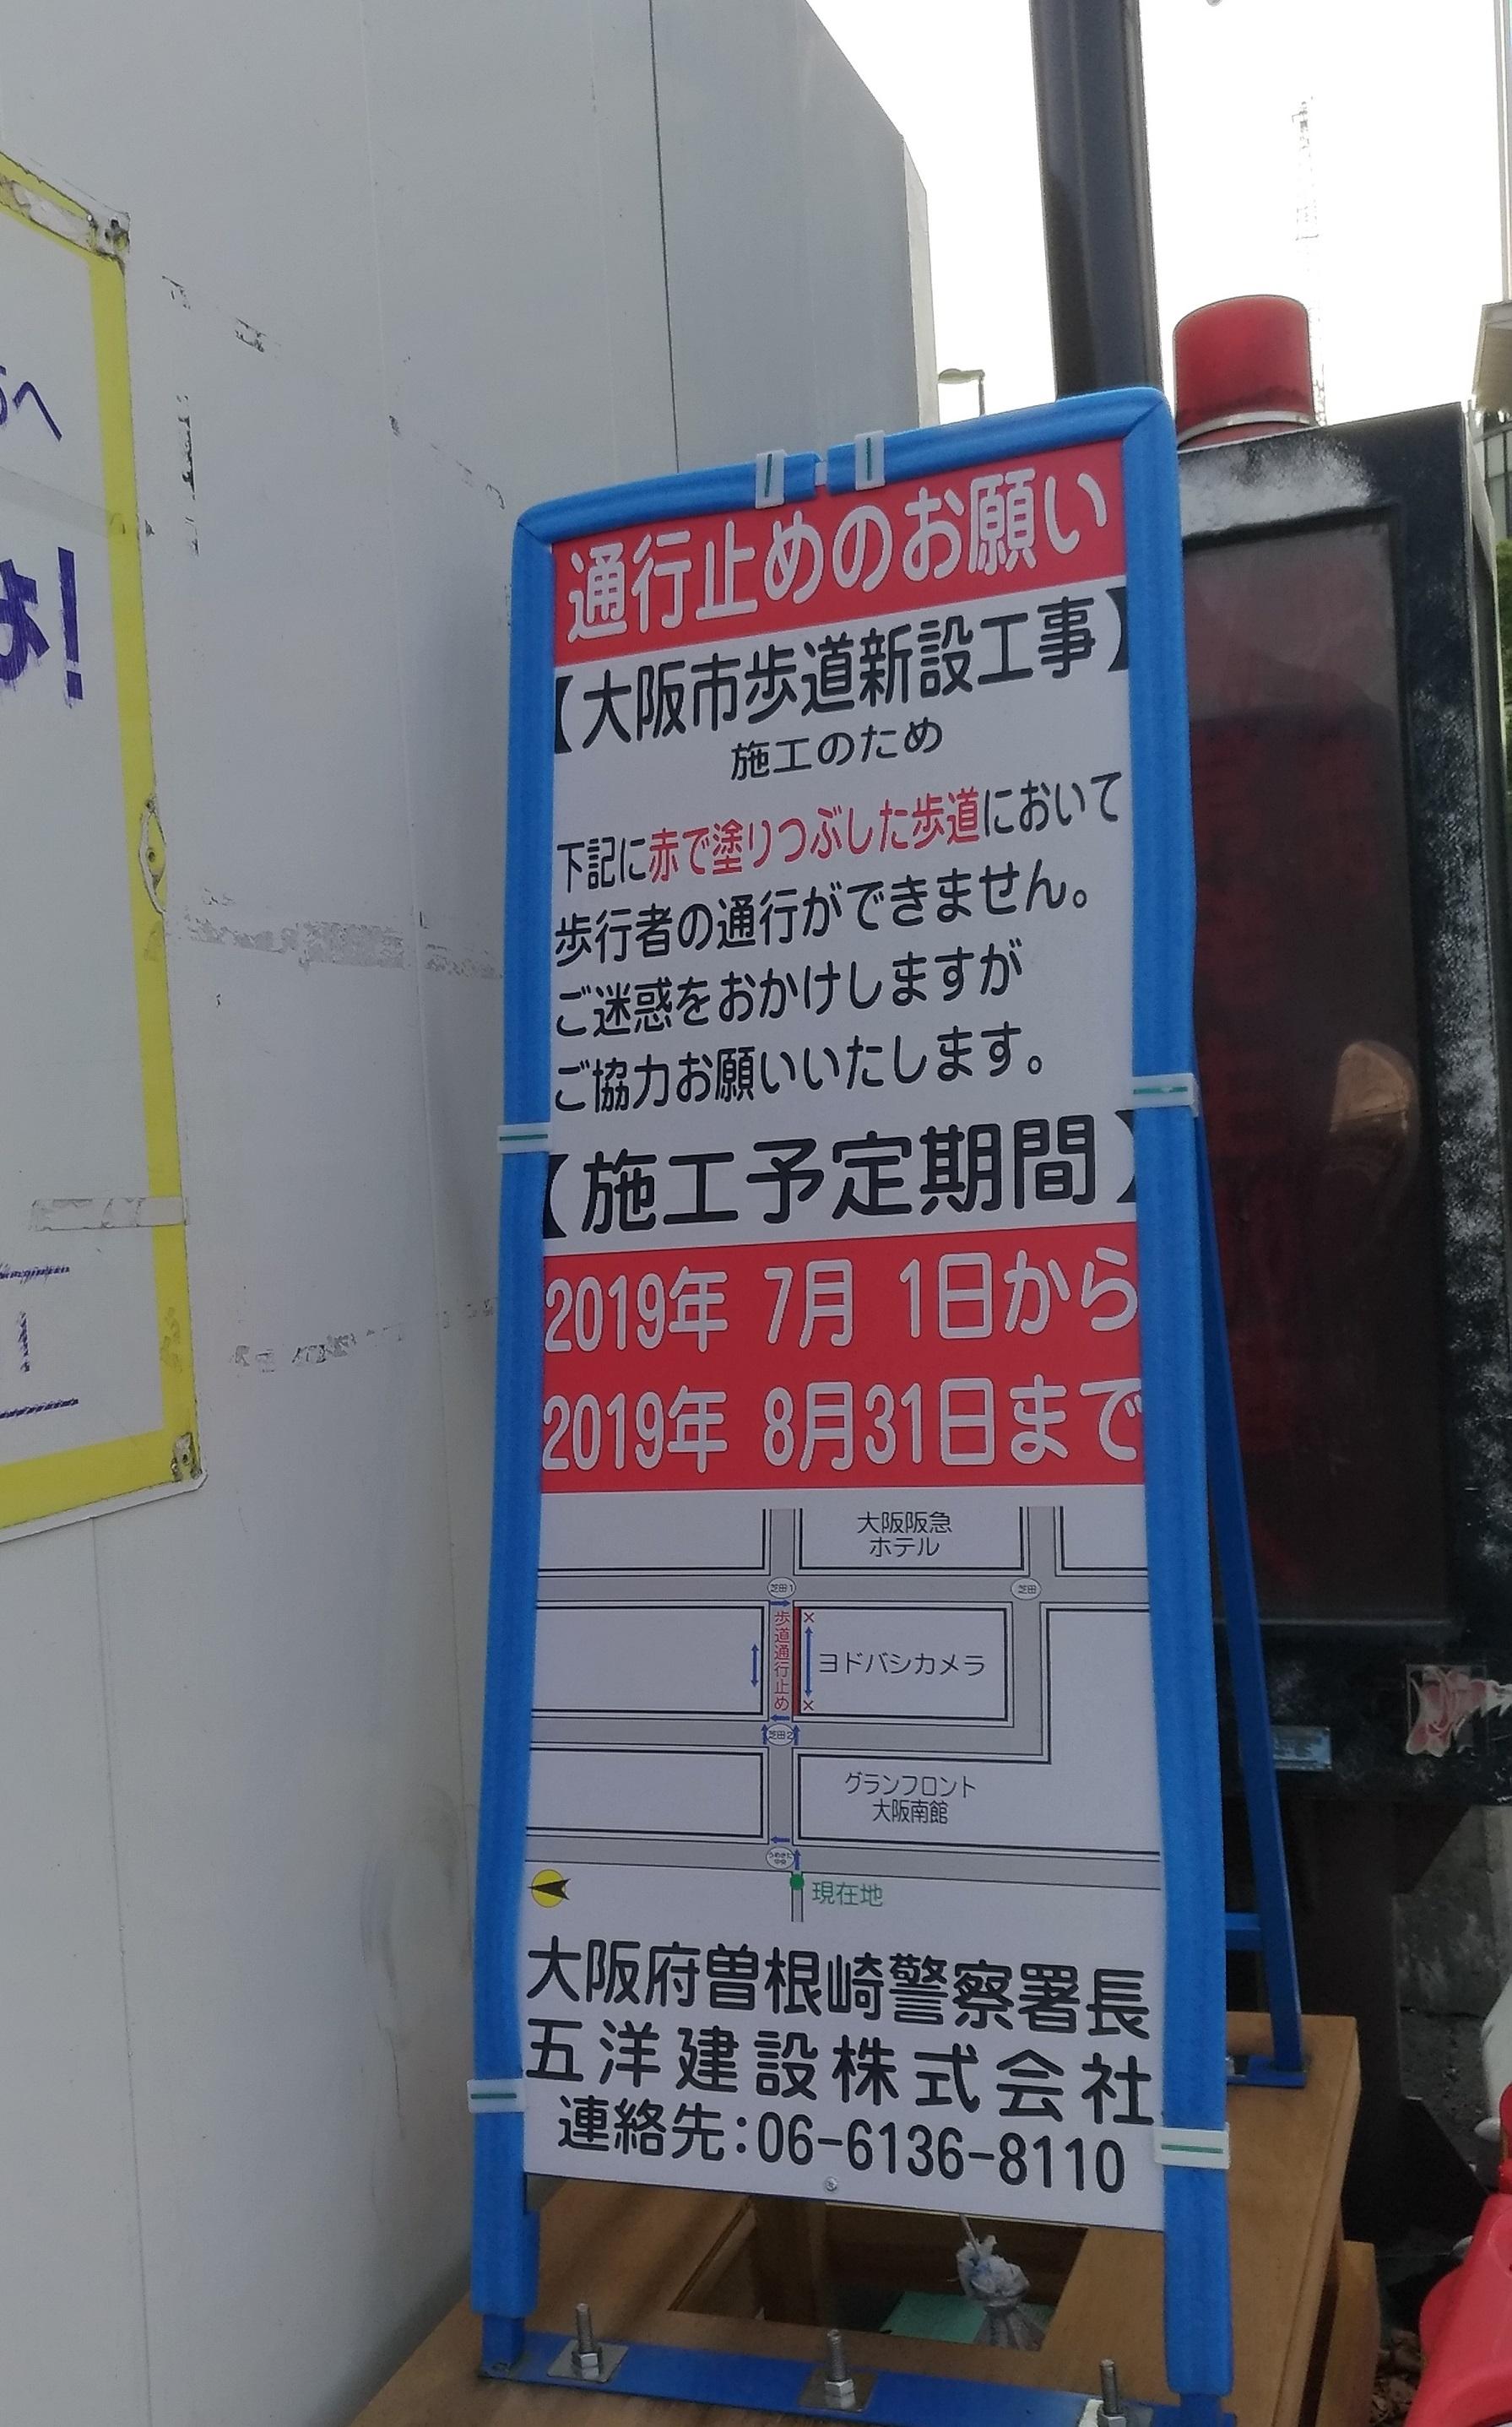 umeda_yodobashi_g20_osaka.jpg